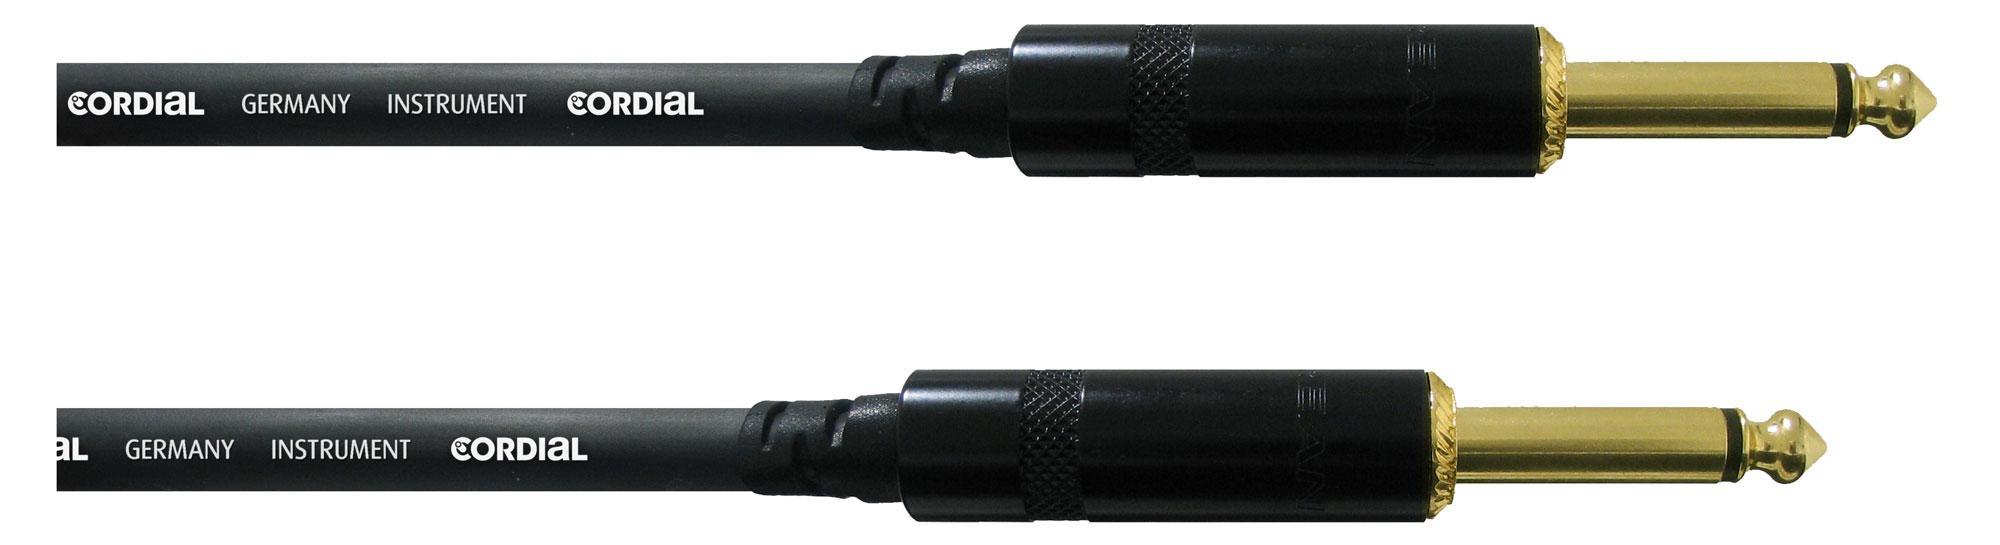 Kabelmulticores - Cordial CCI 3 PP Instrumentenkabel 3 m Schwarz - Onlineshop Musikhaus Kirstein